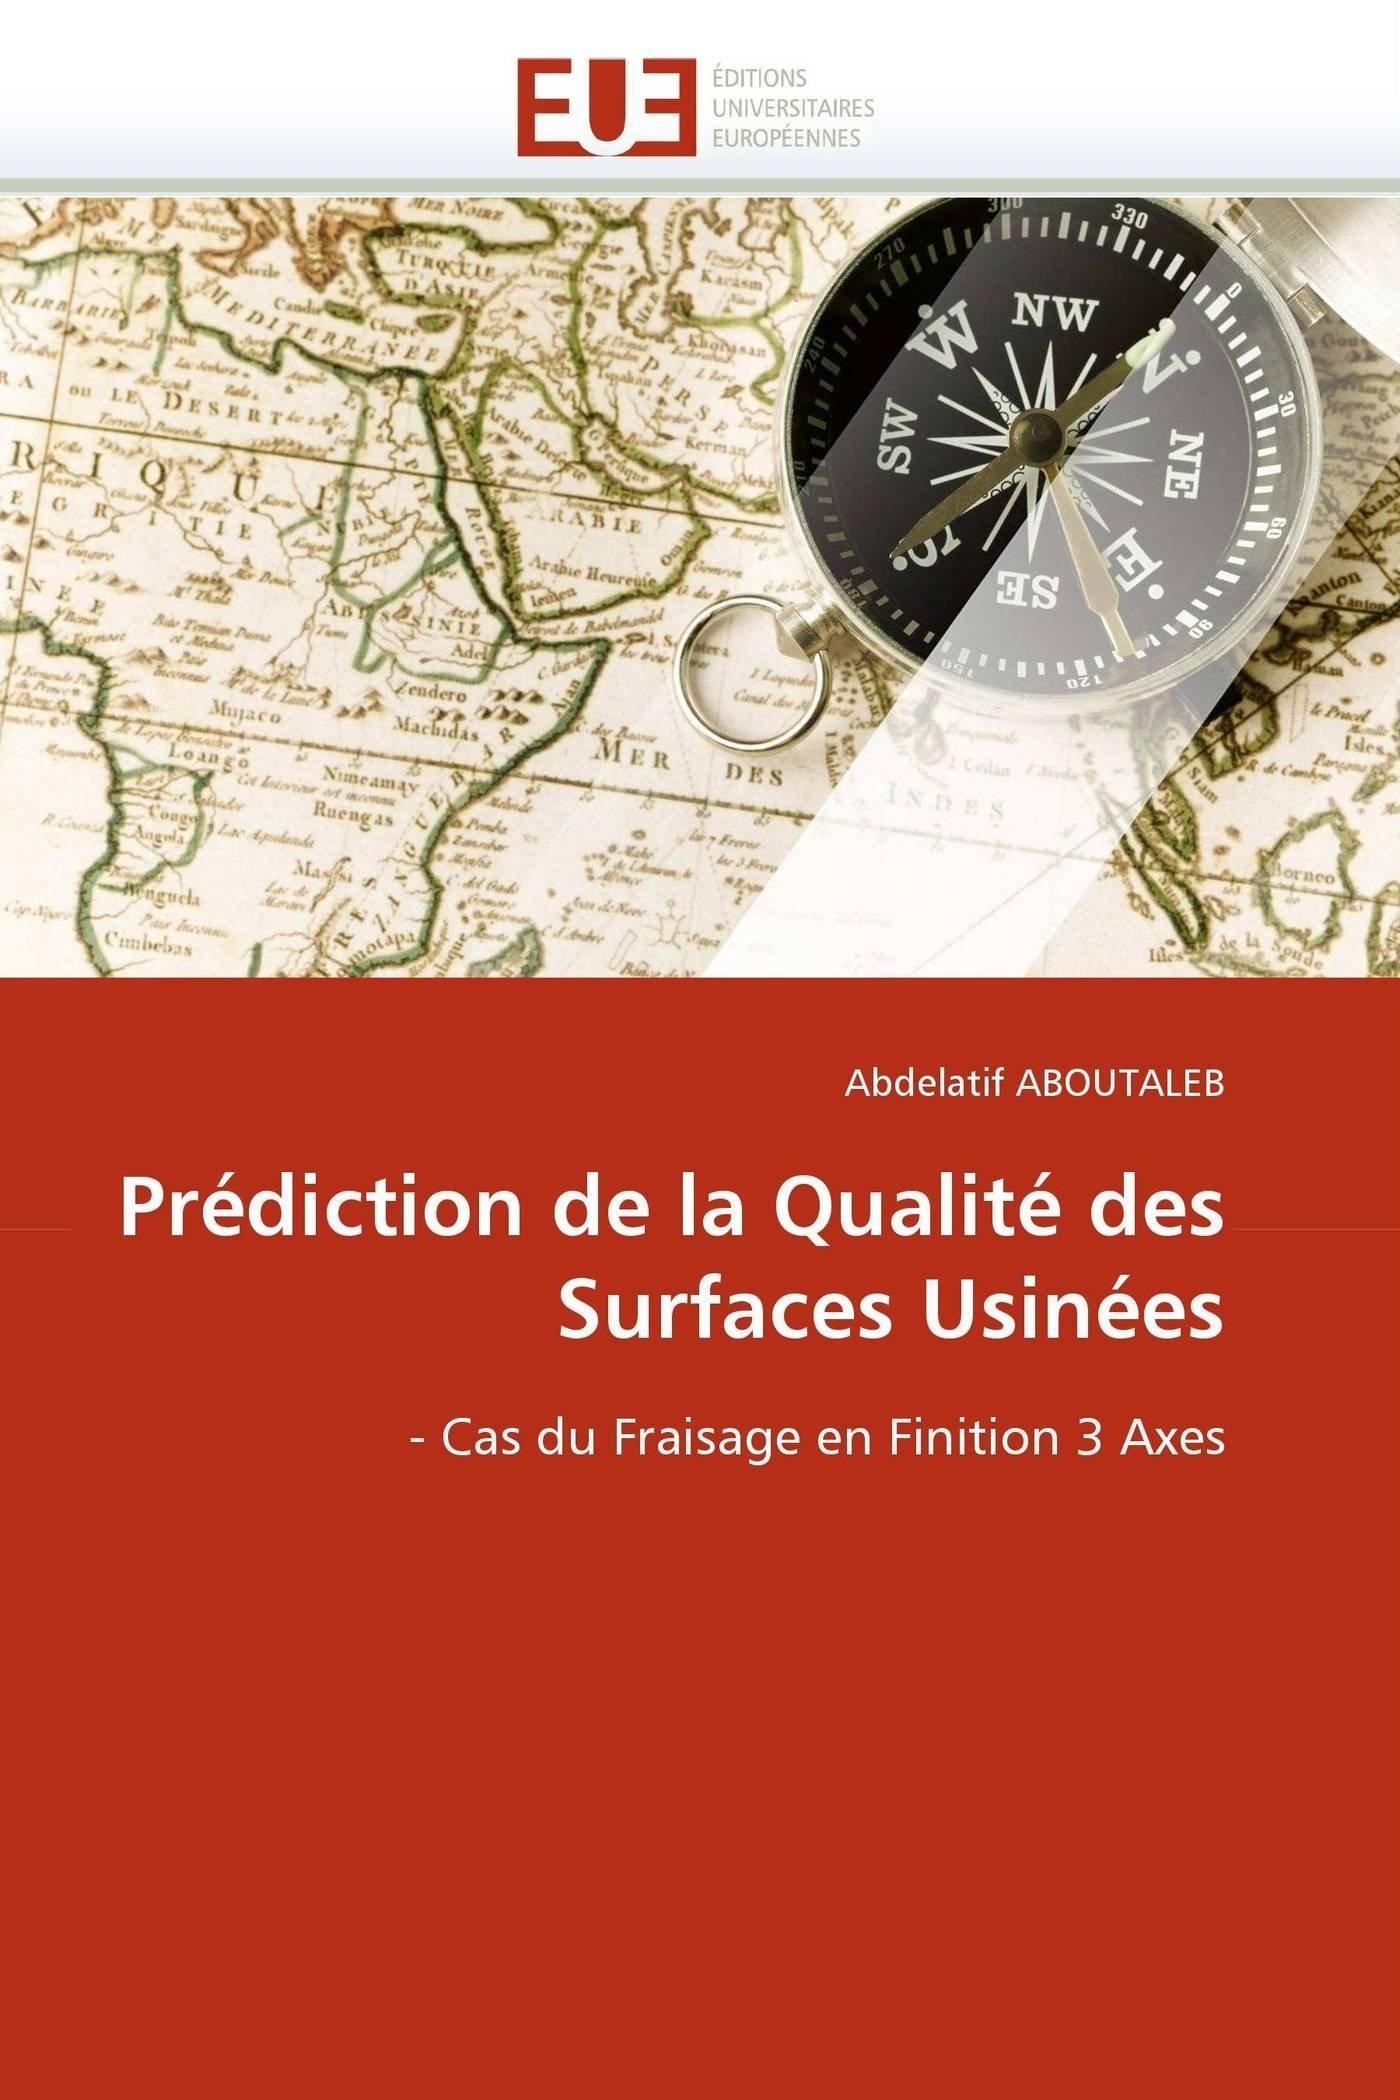 Prédiction de la Qualité des Surfaces Usinées: - Cas du Fraisage en Finition 3 Axes (Omn.Univ.Europ.) (French Edition) PDF